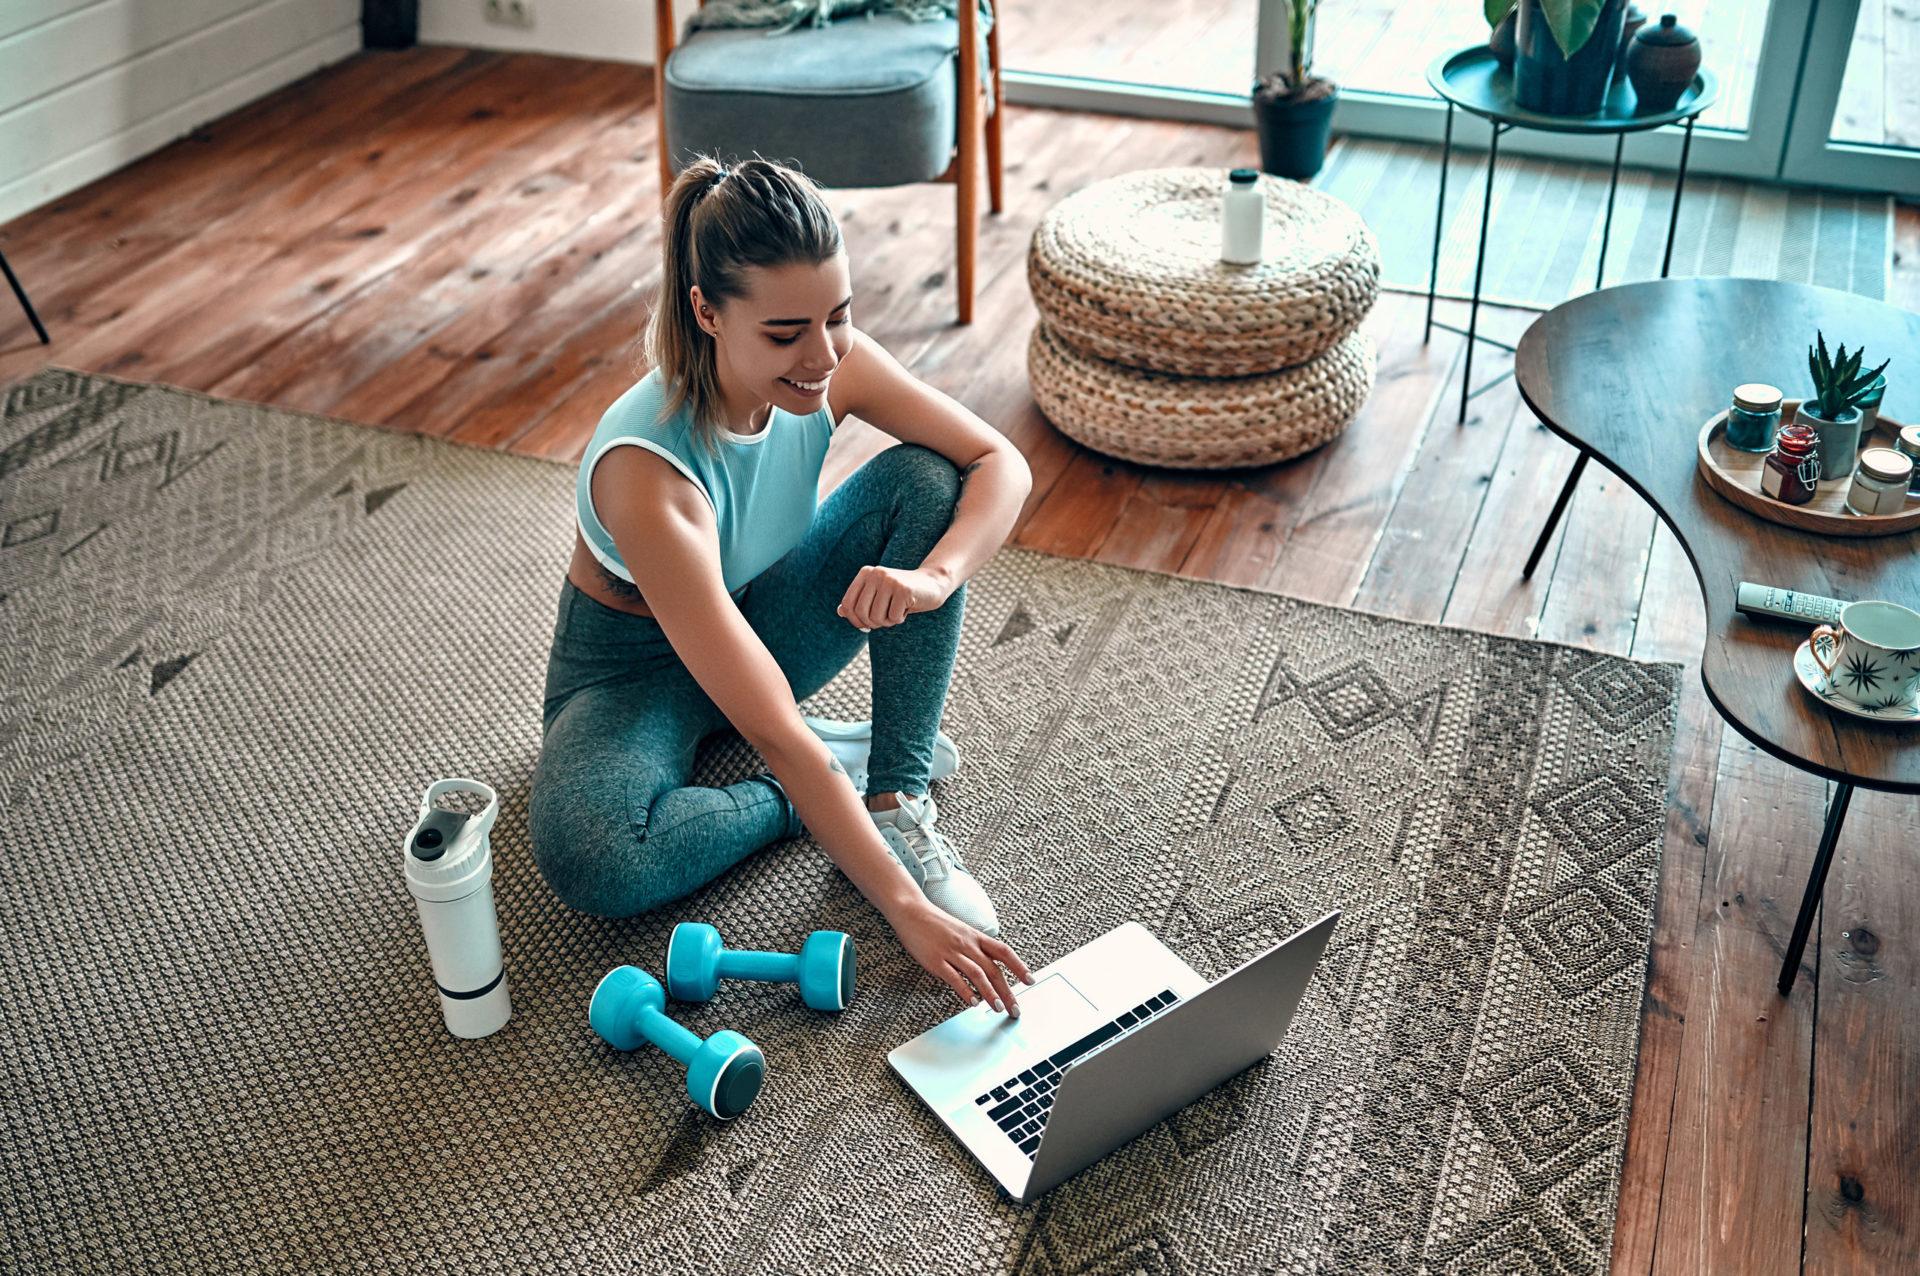 Kobieta przygotowuje siędo ćwiczenia w domu